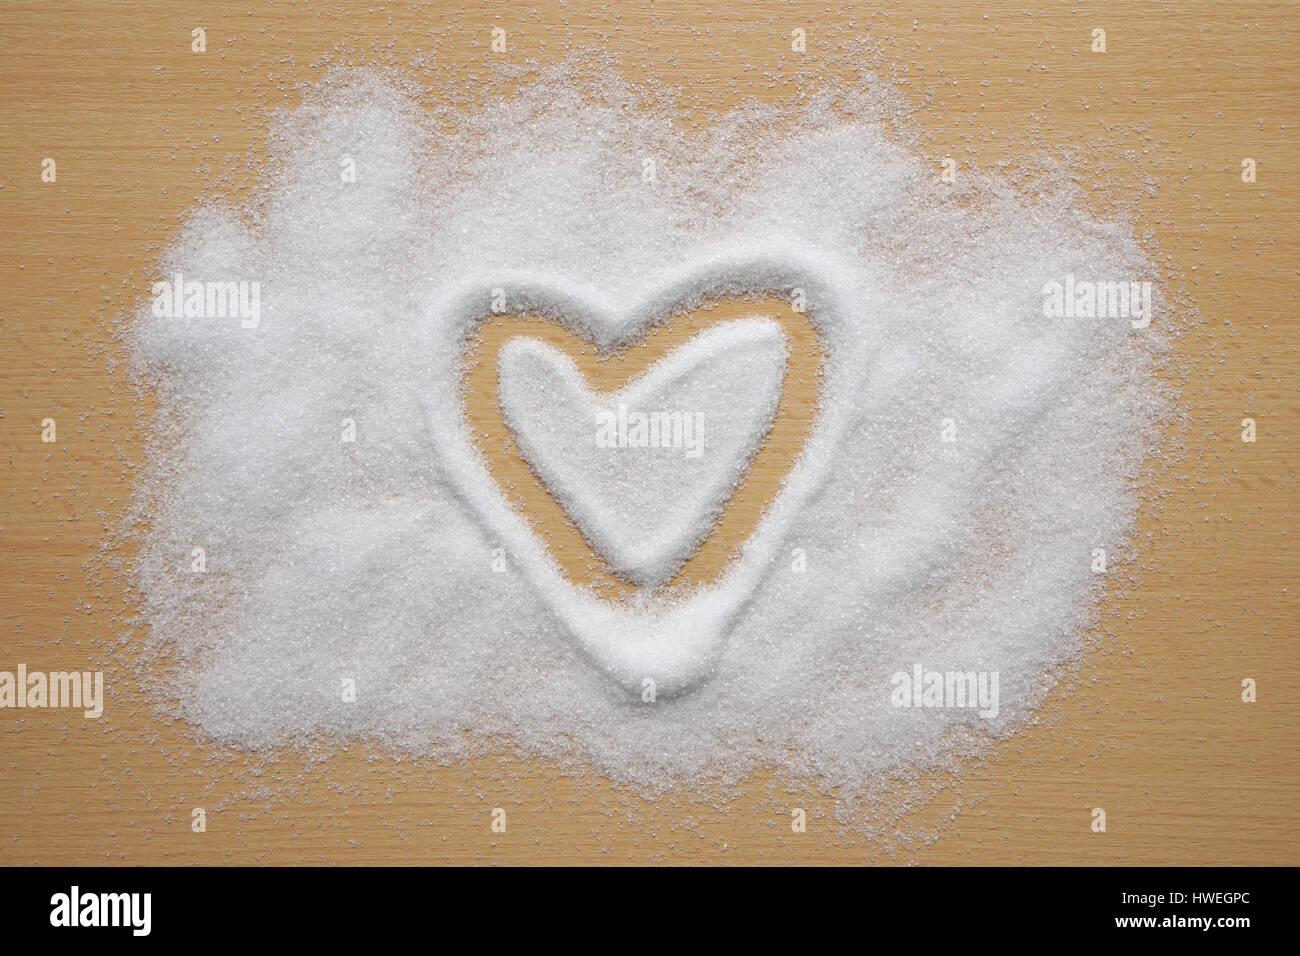 Forma di cuore disegnato nel settore dello zucchero Immagini Stock